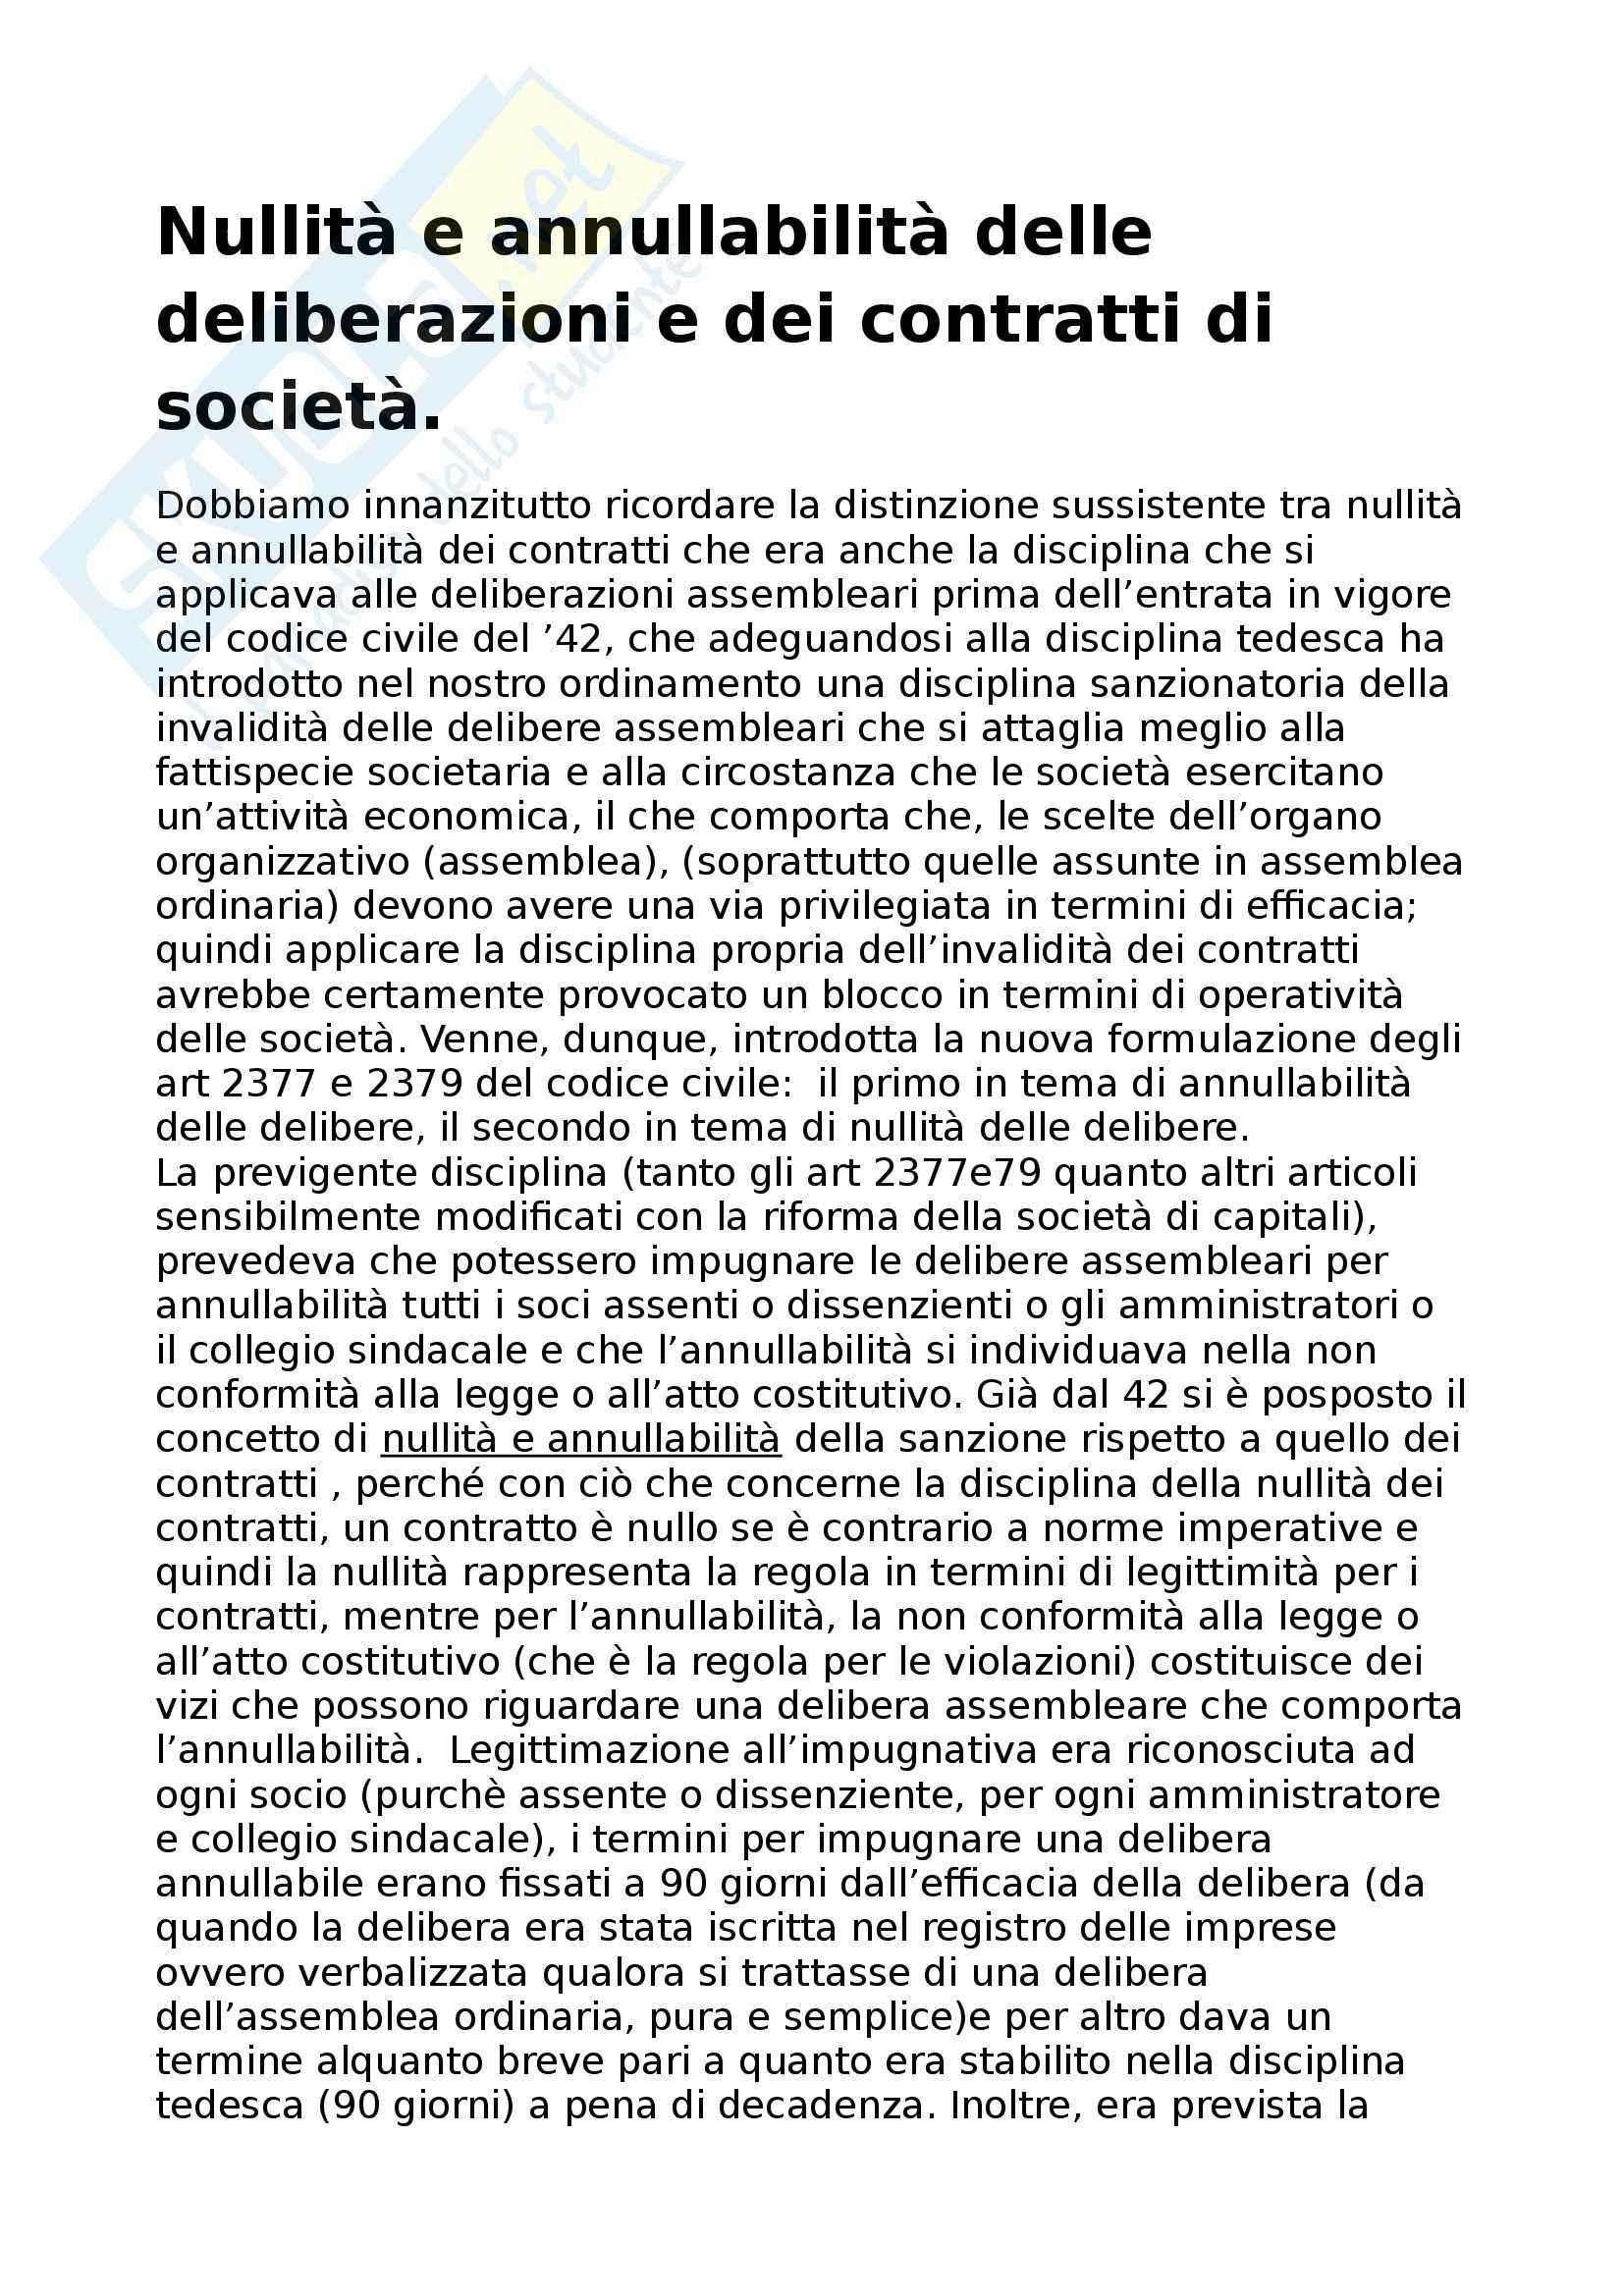 Diritto commerciale - Nullità e annullabilità delle deliberazioni e dei contratti di società